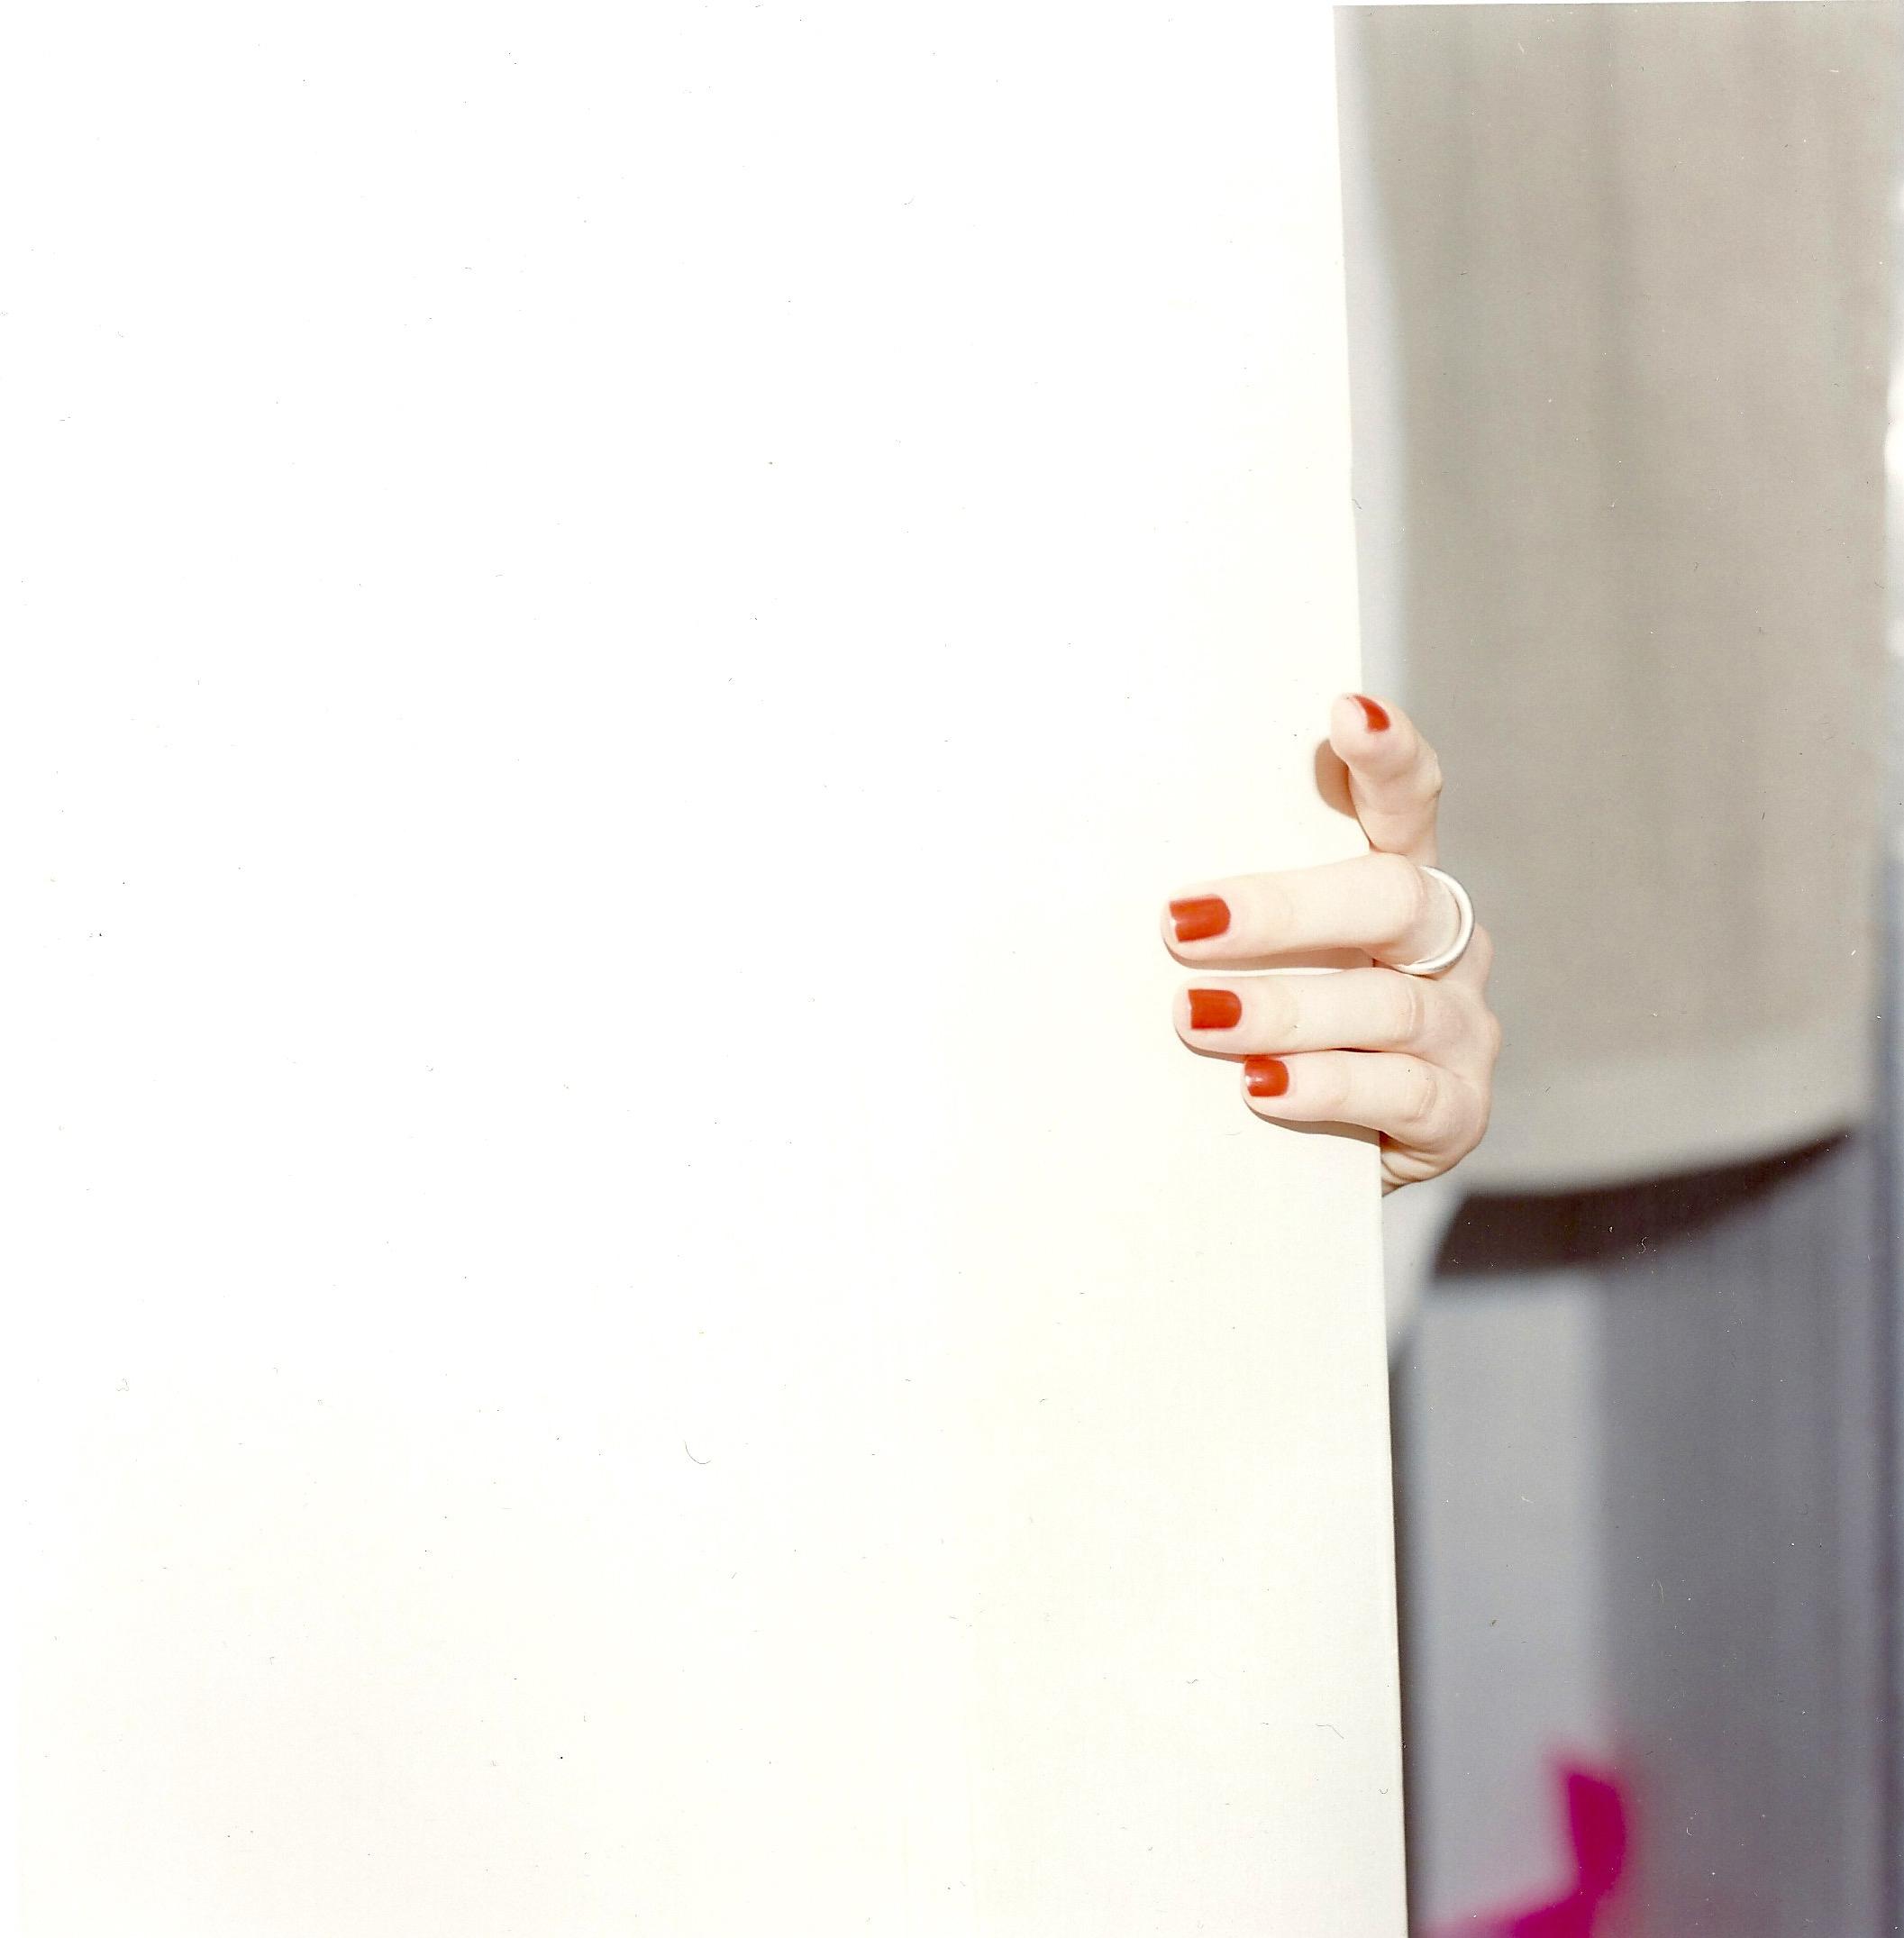 ZC_Danielle_Hiding.jpg